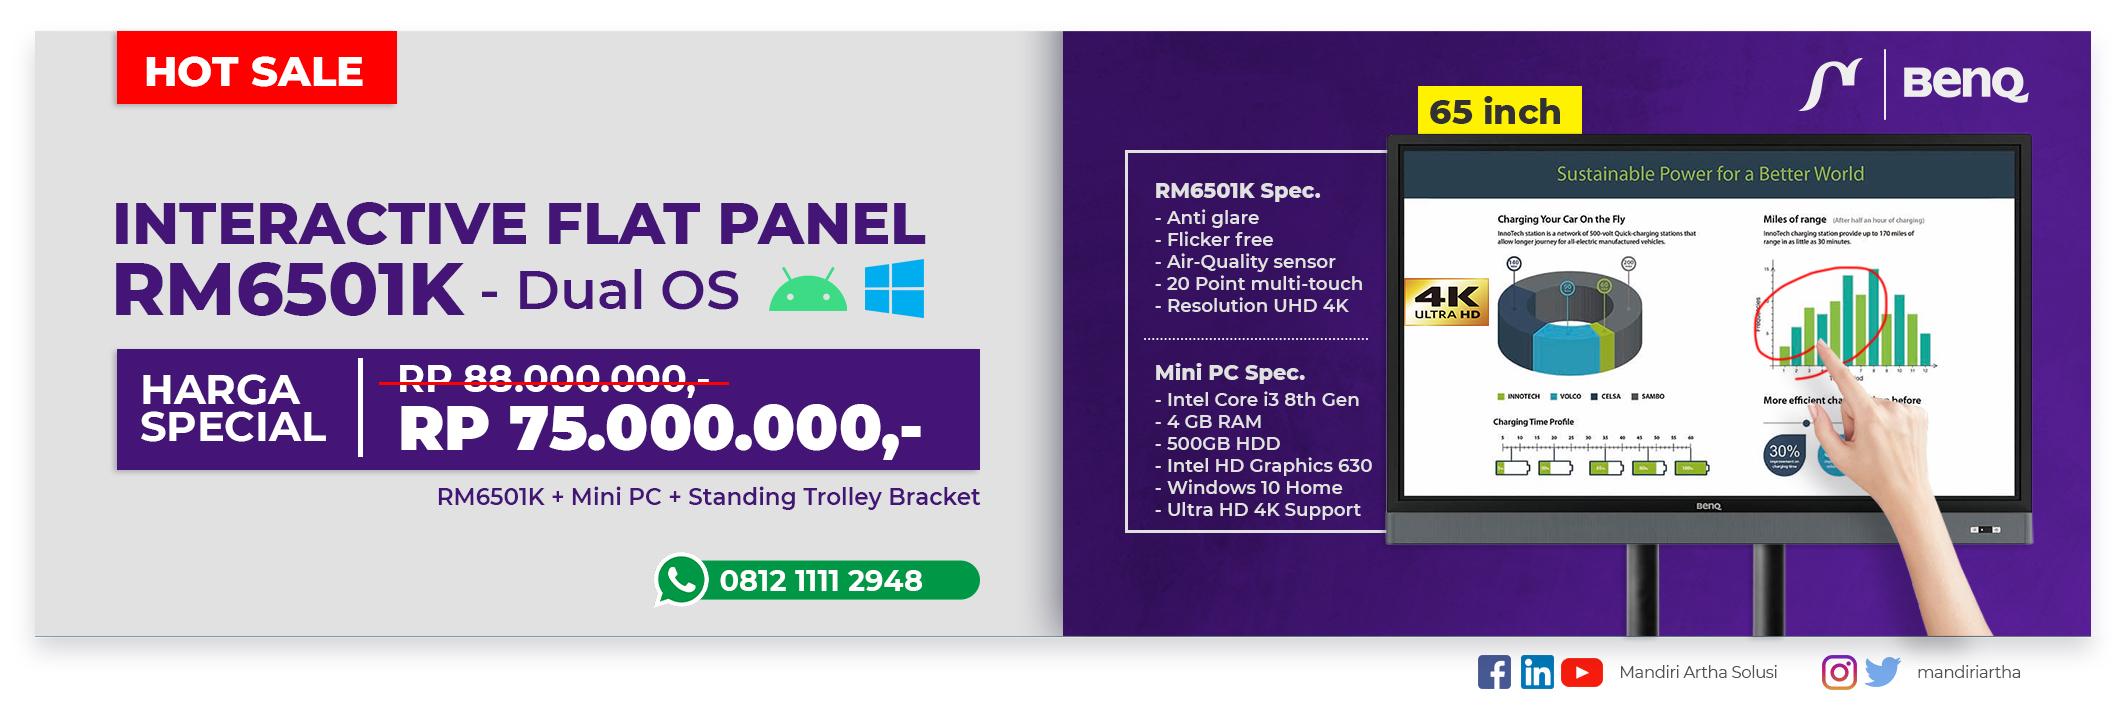 Promo BENQ RM6501K - April 2020